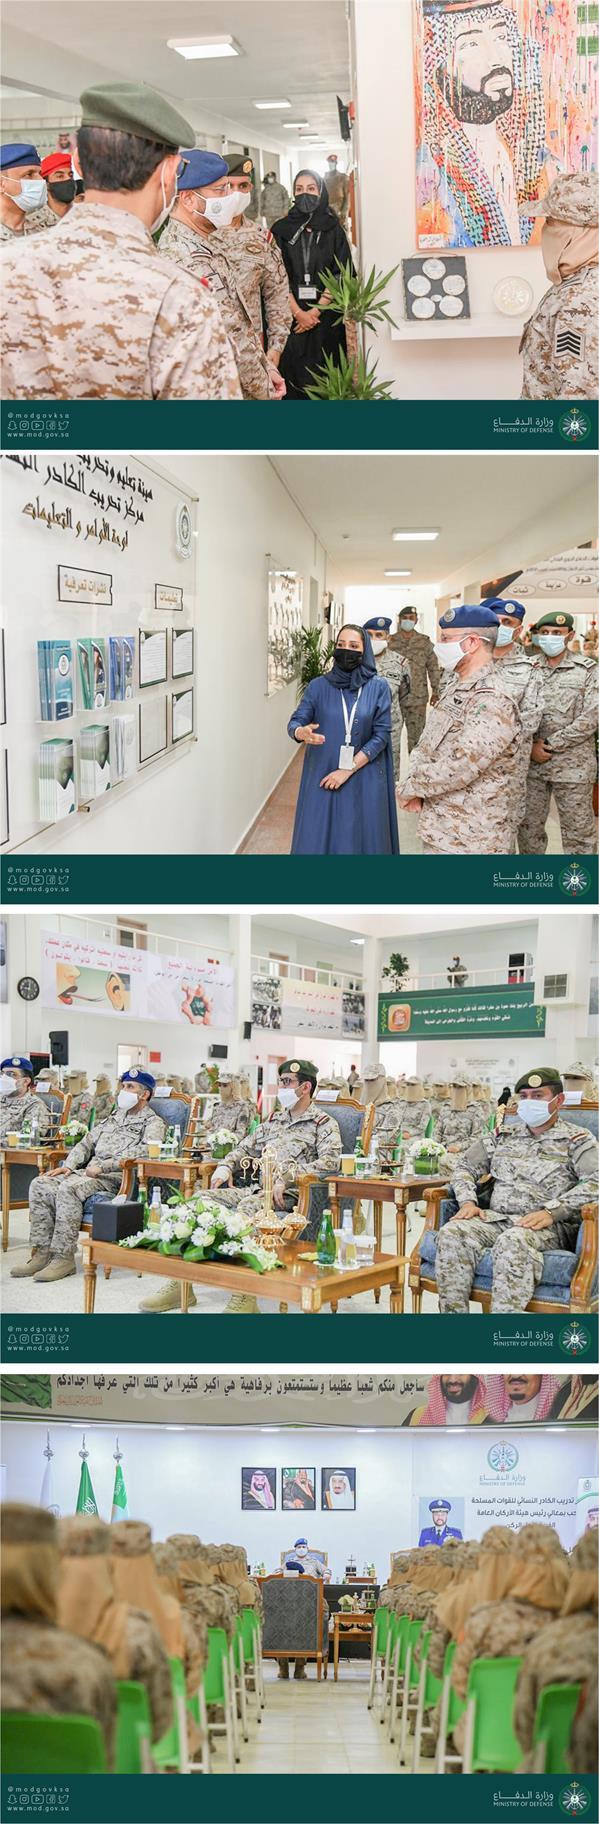 رئيس هيئة الأركان العامة يرعى تخريج الدفعة الأولى من مركز تدريب الكادر النسائي للقوات المسلحة.